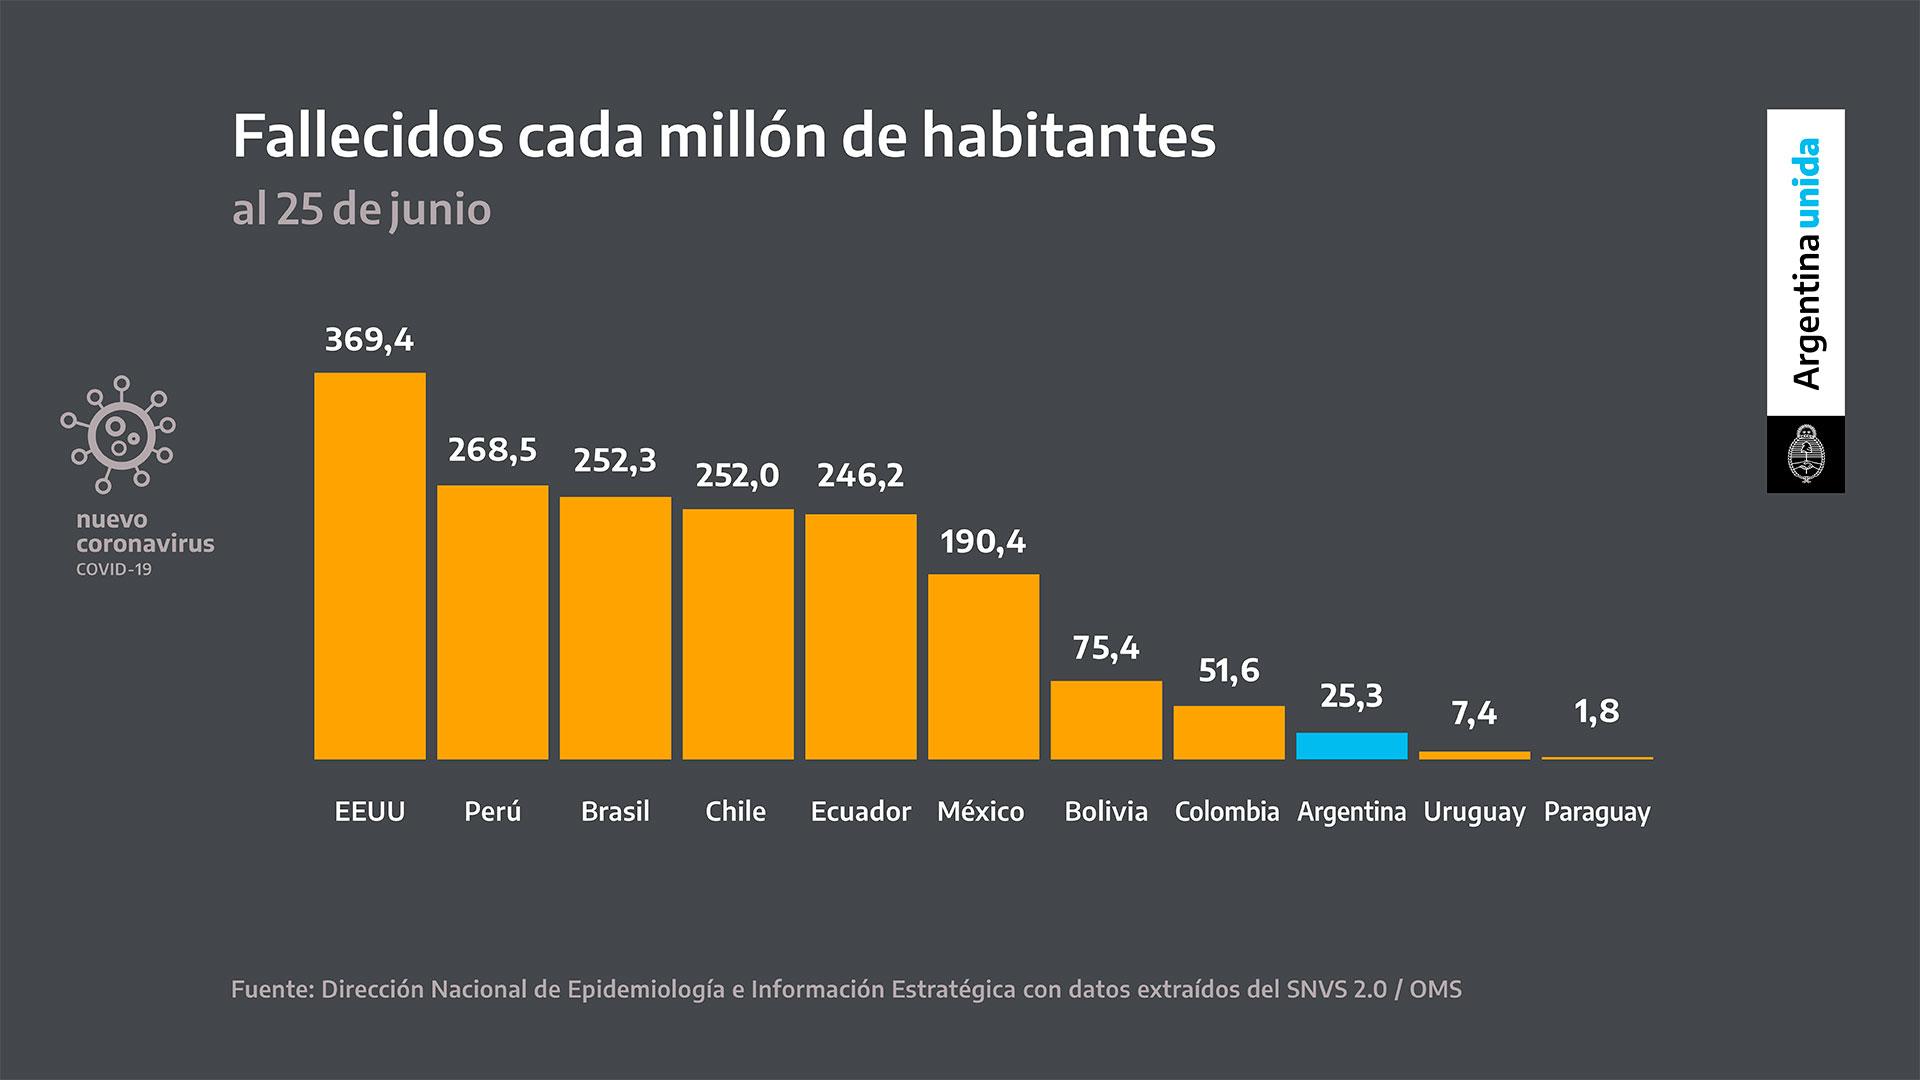 Alberto Fernández comenzó por señalar que Latinoamérica se ha convertido en el foco de la pandemia a nivel mundial. Sin embargo, destacó que la posición relativa de Argentina obedece a las medidas que se tomaron. Actualmente nuestro país tiene 25,4 muertes cada millón de habitantes mientras que Chile suma 252 y Estados Unidos, 369,4.